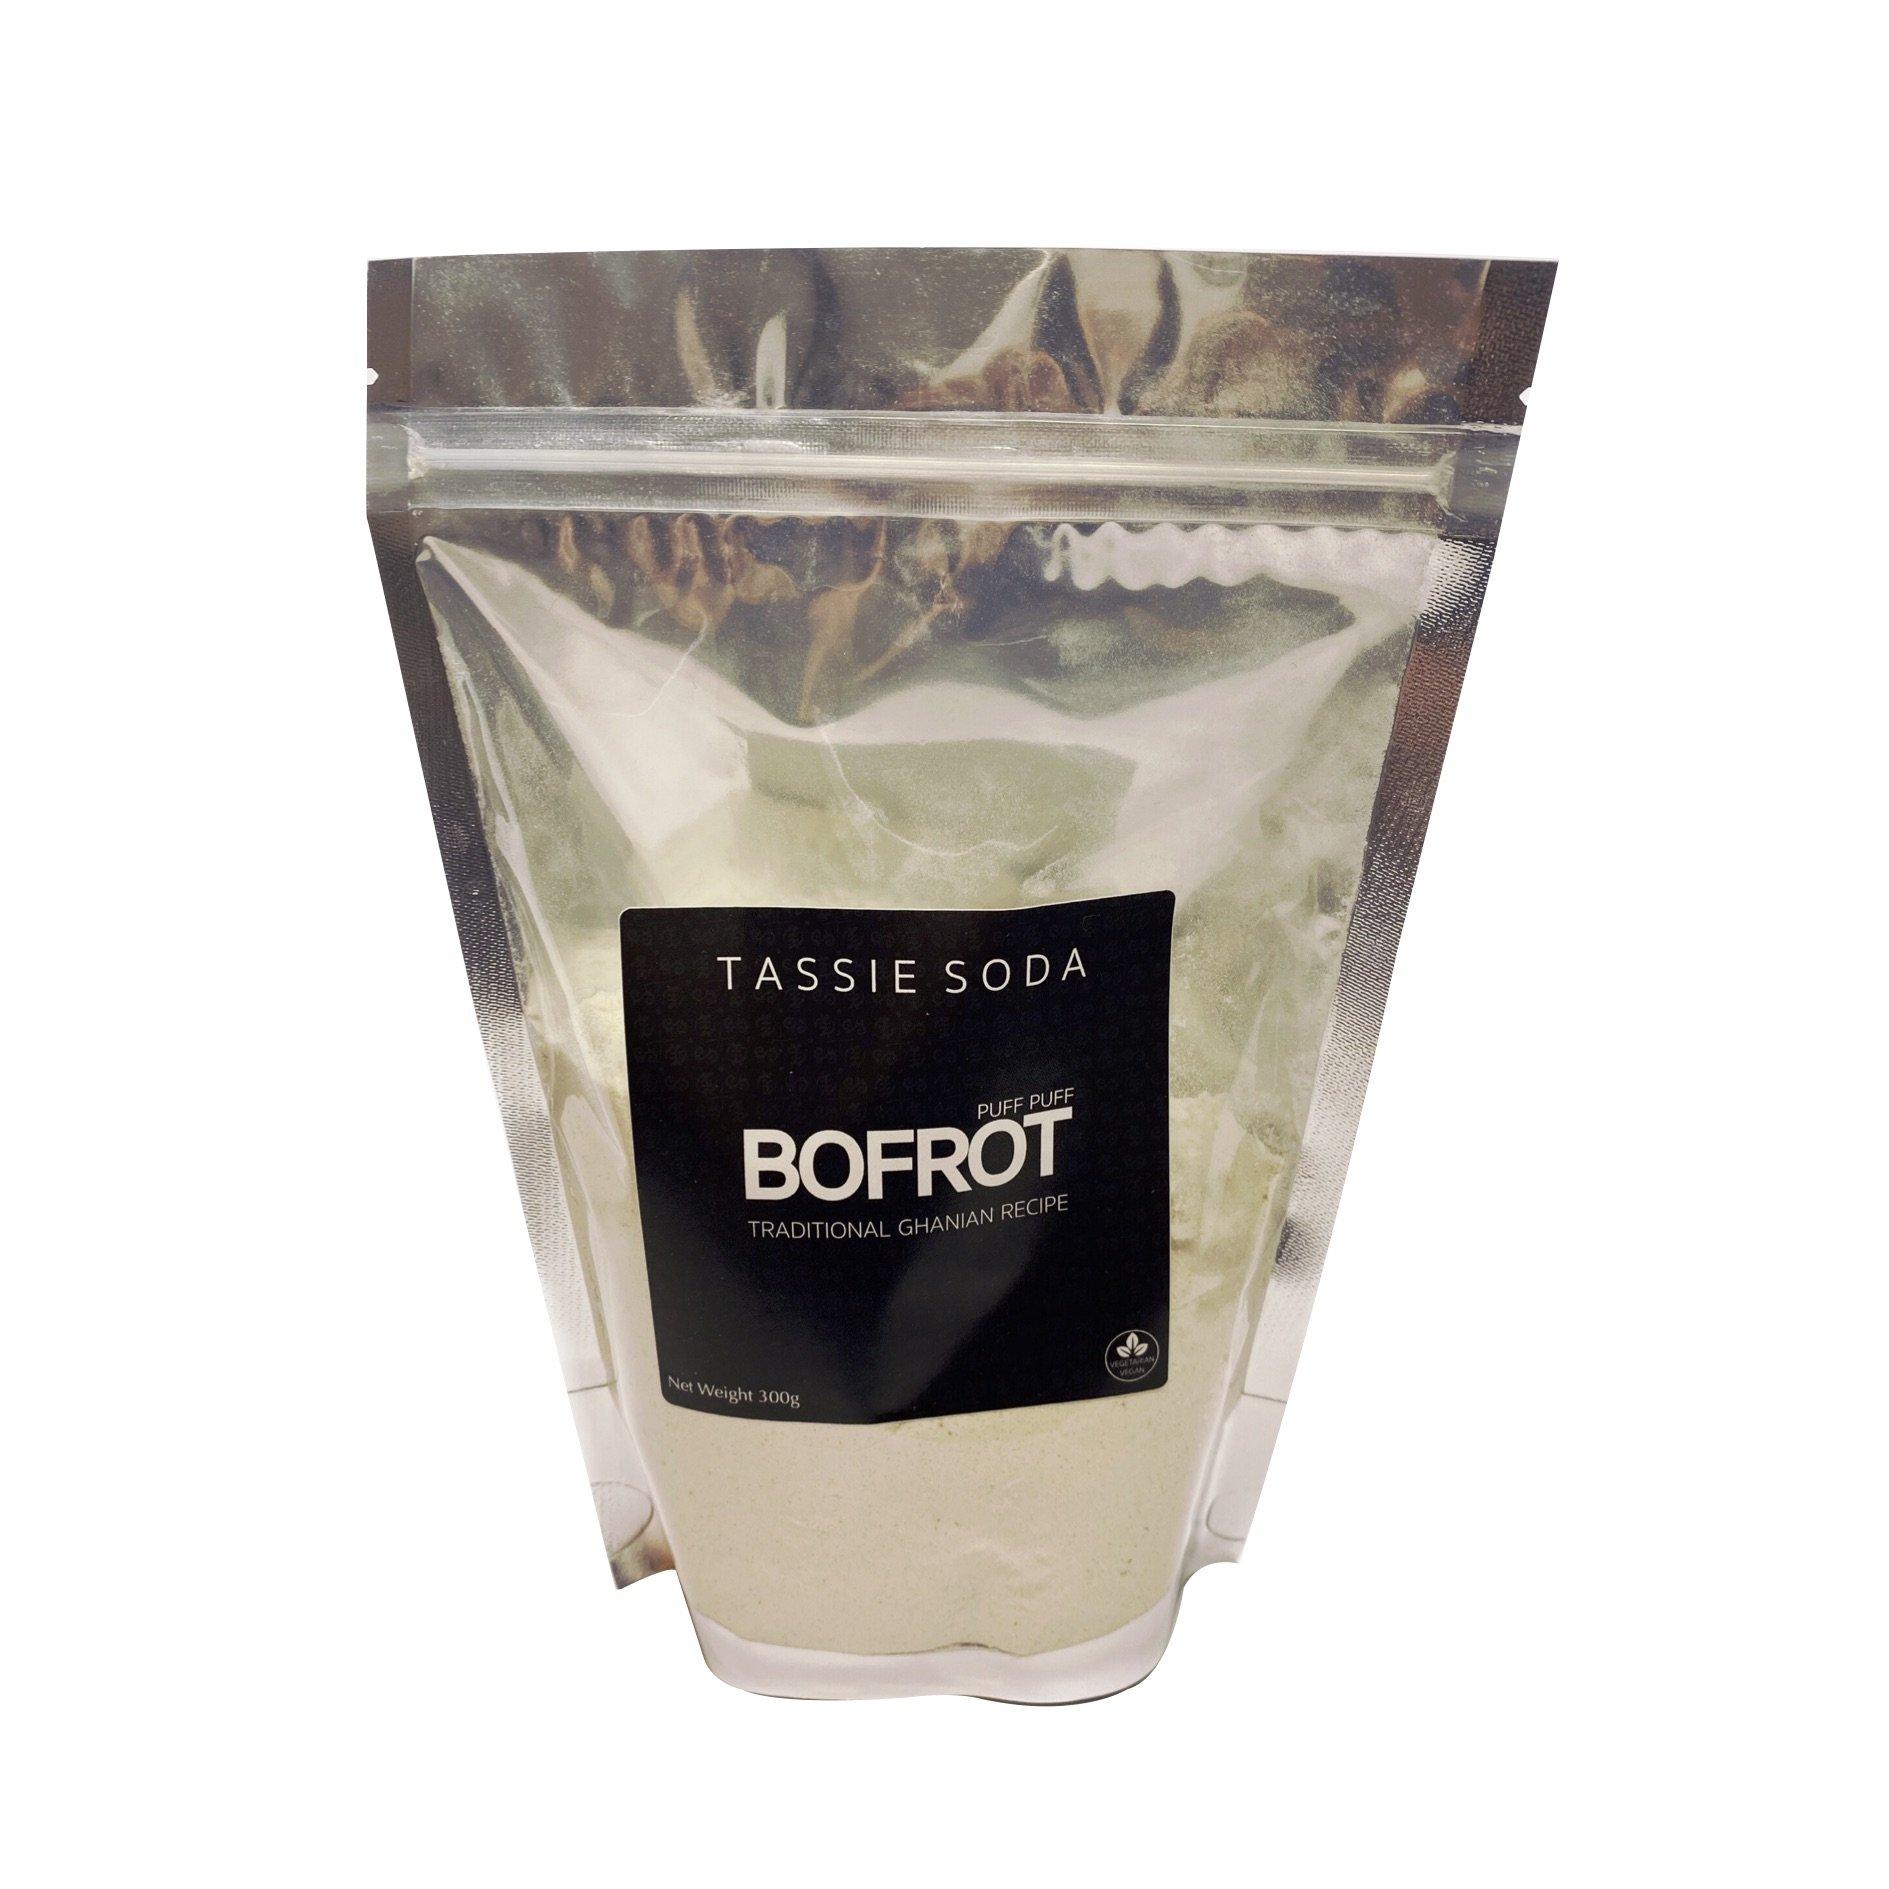 Bofrot